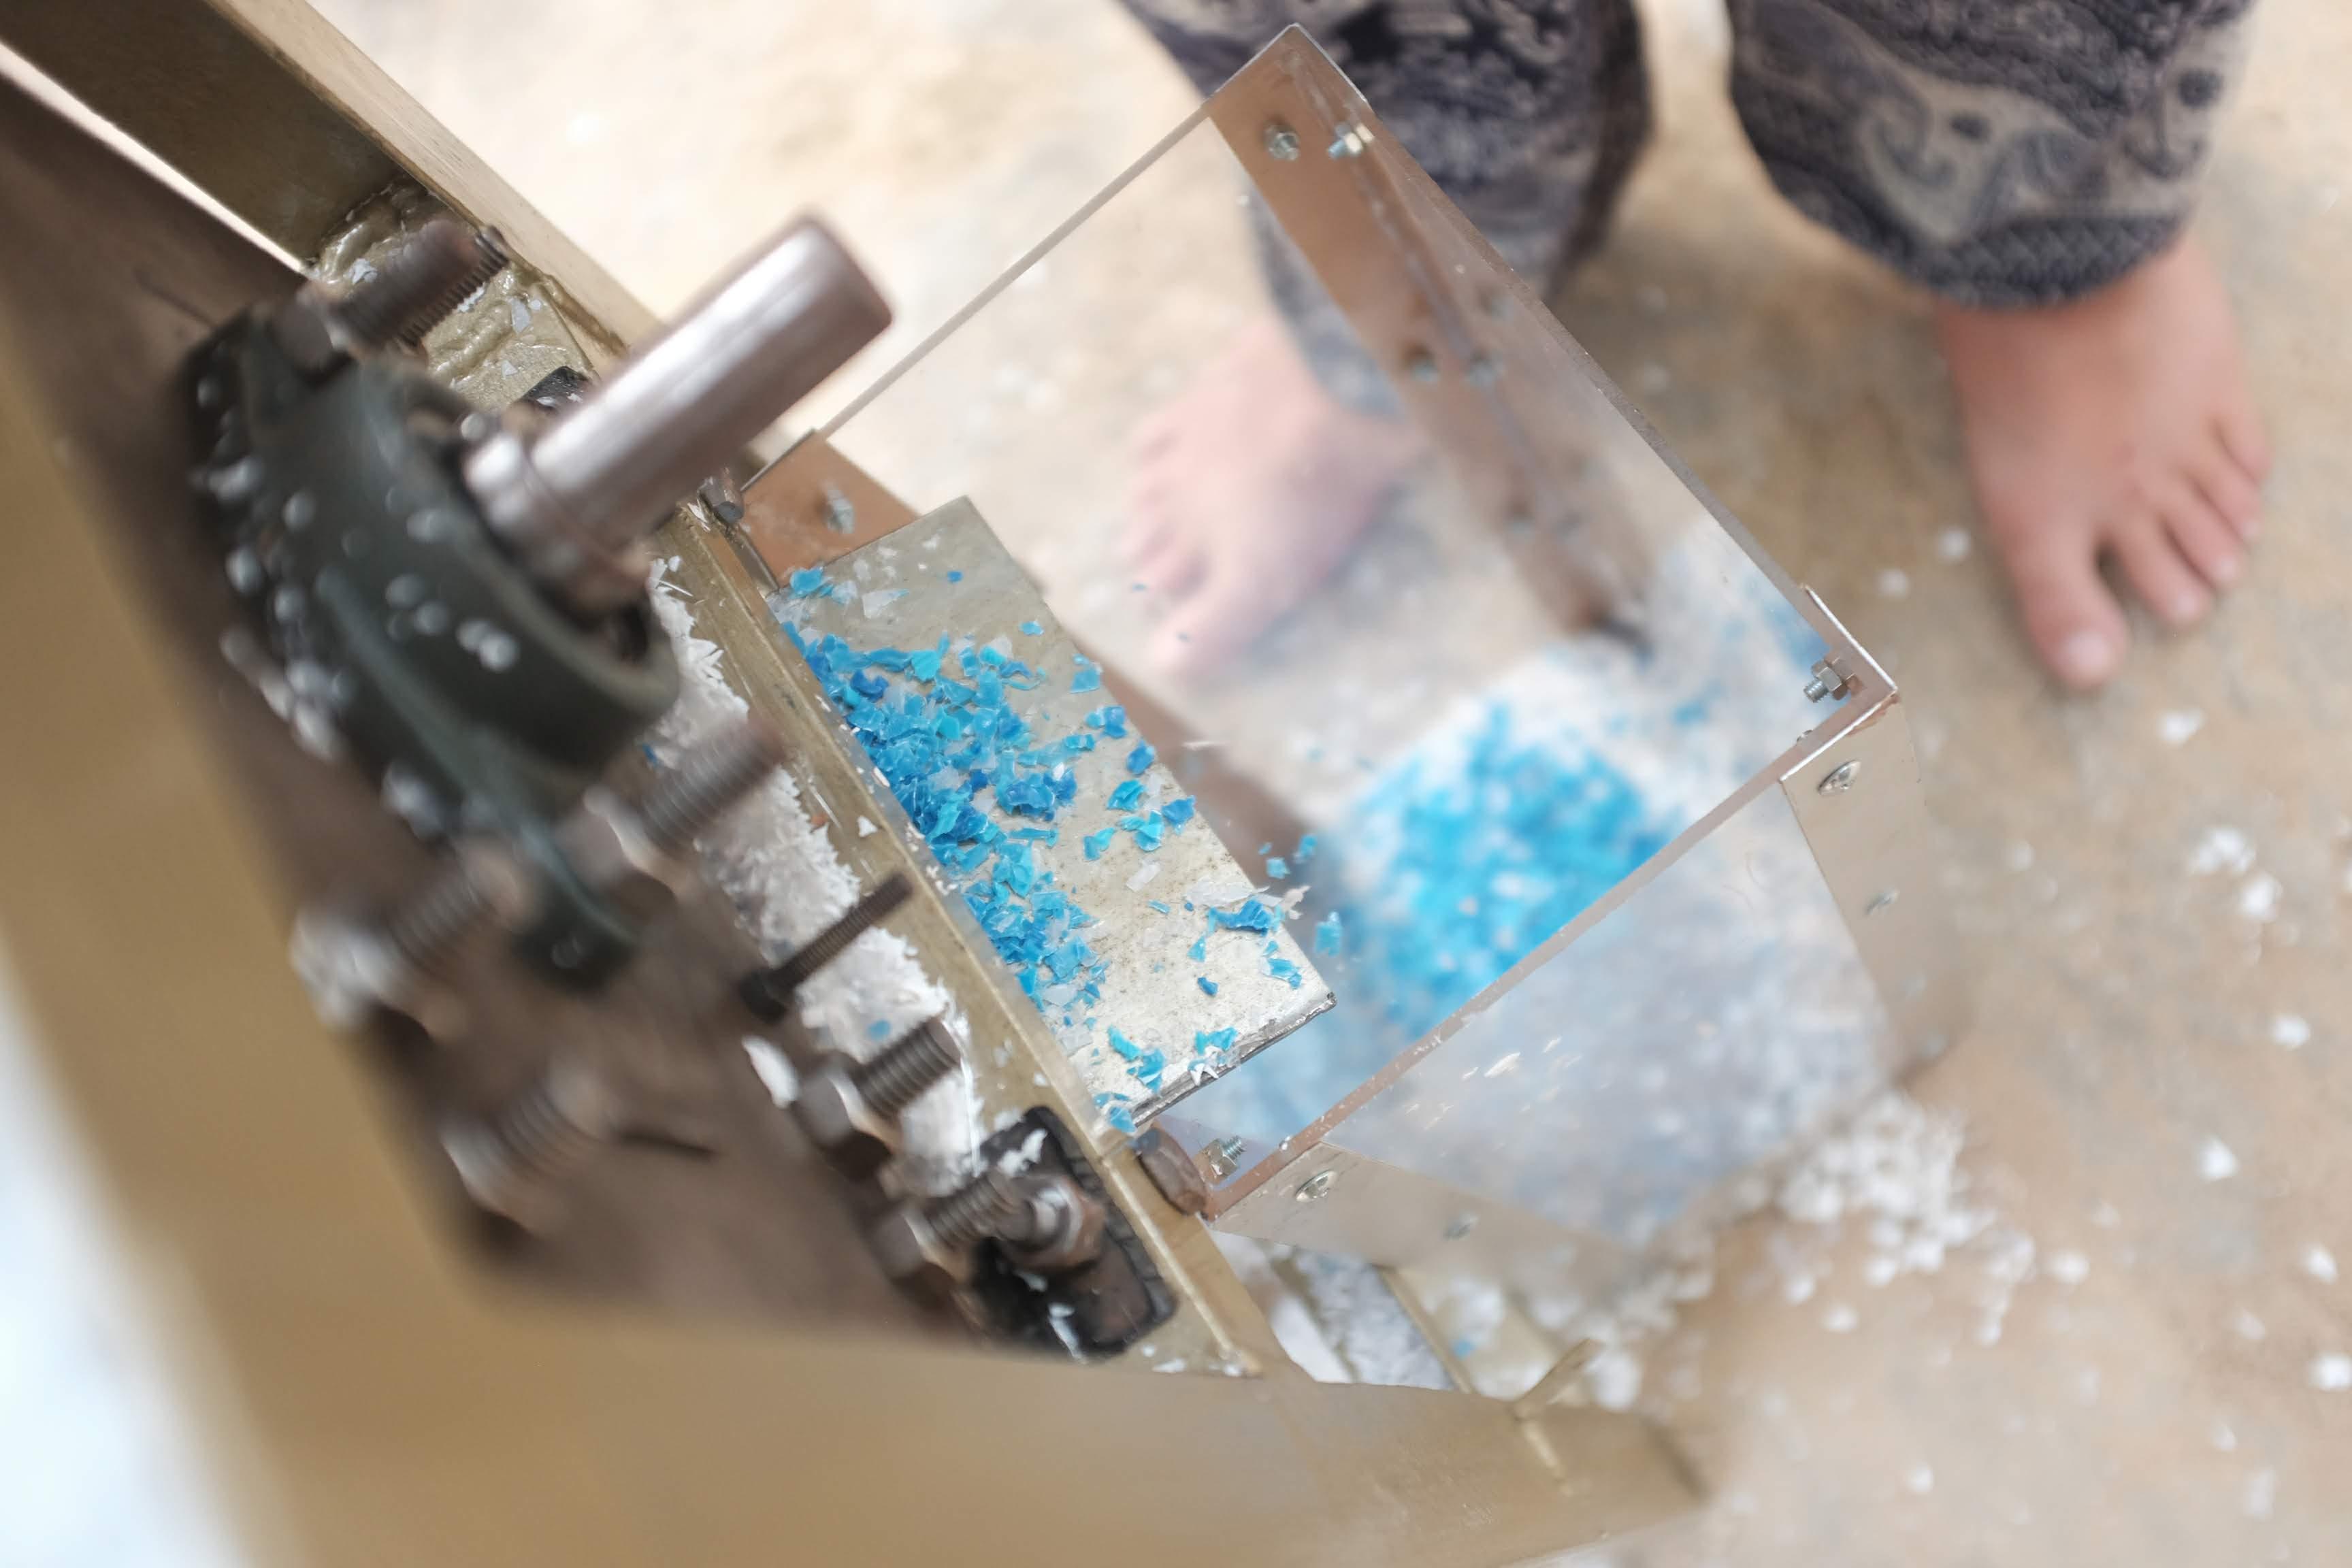 Imagem mostra plástico azul triturado em pequenos pedaços